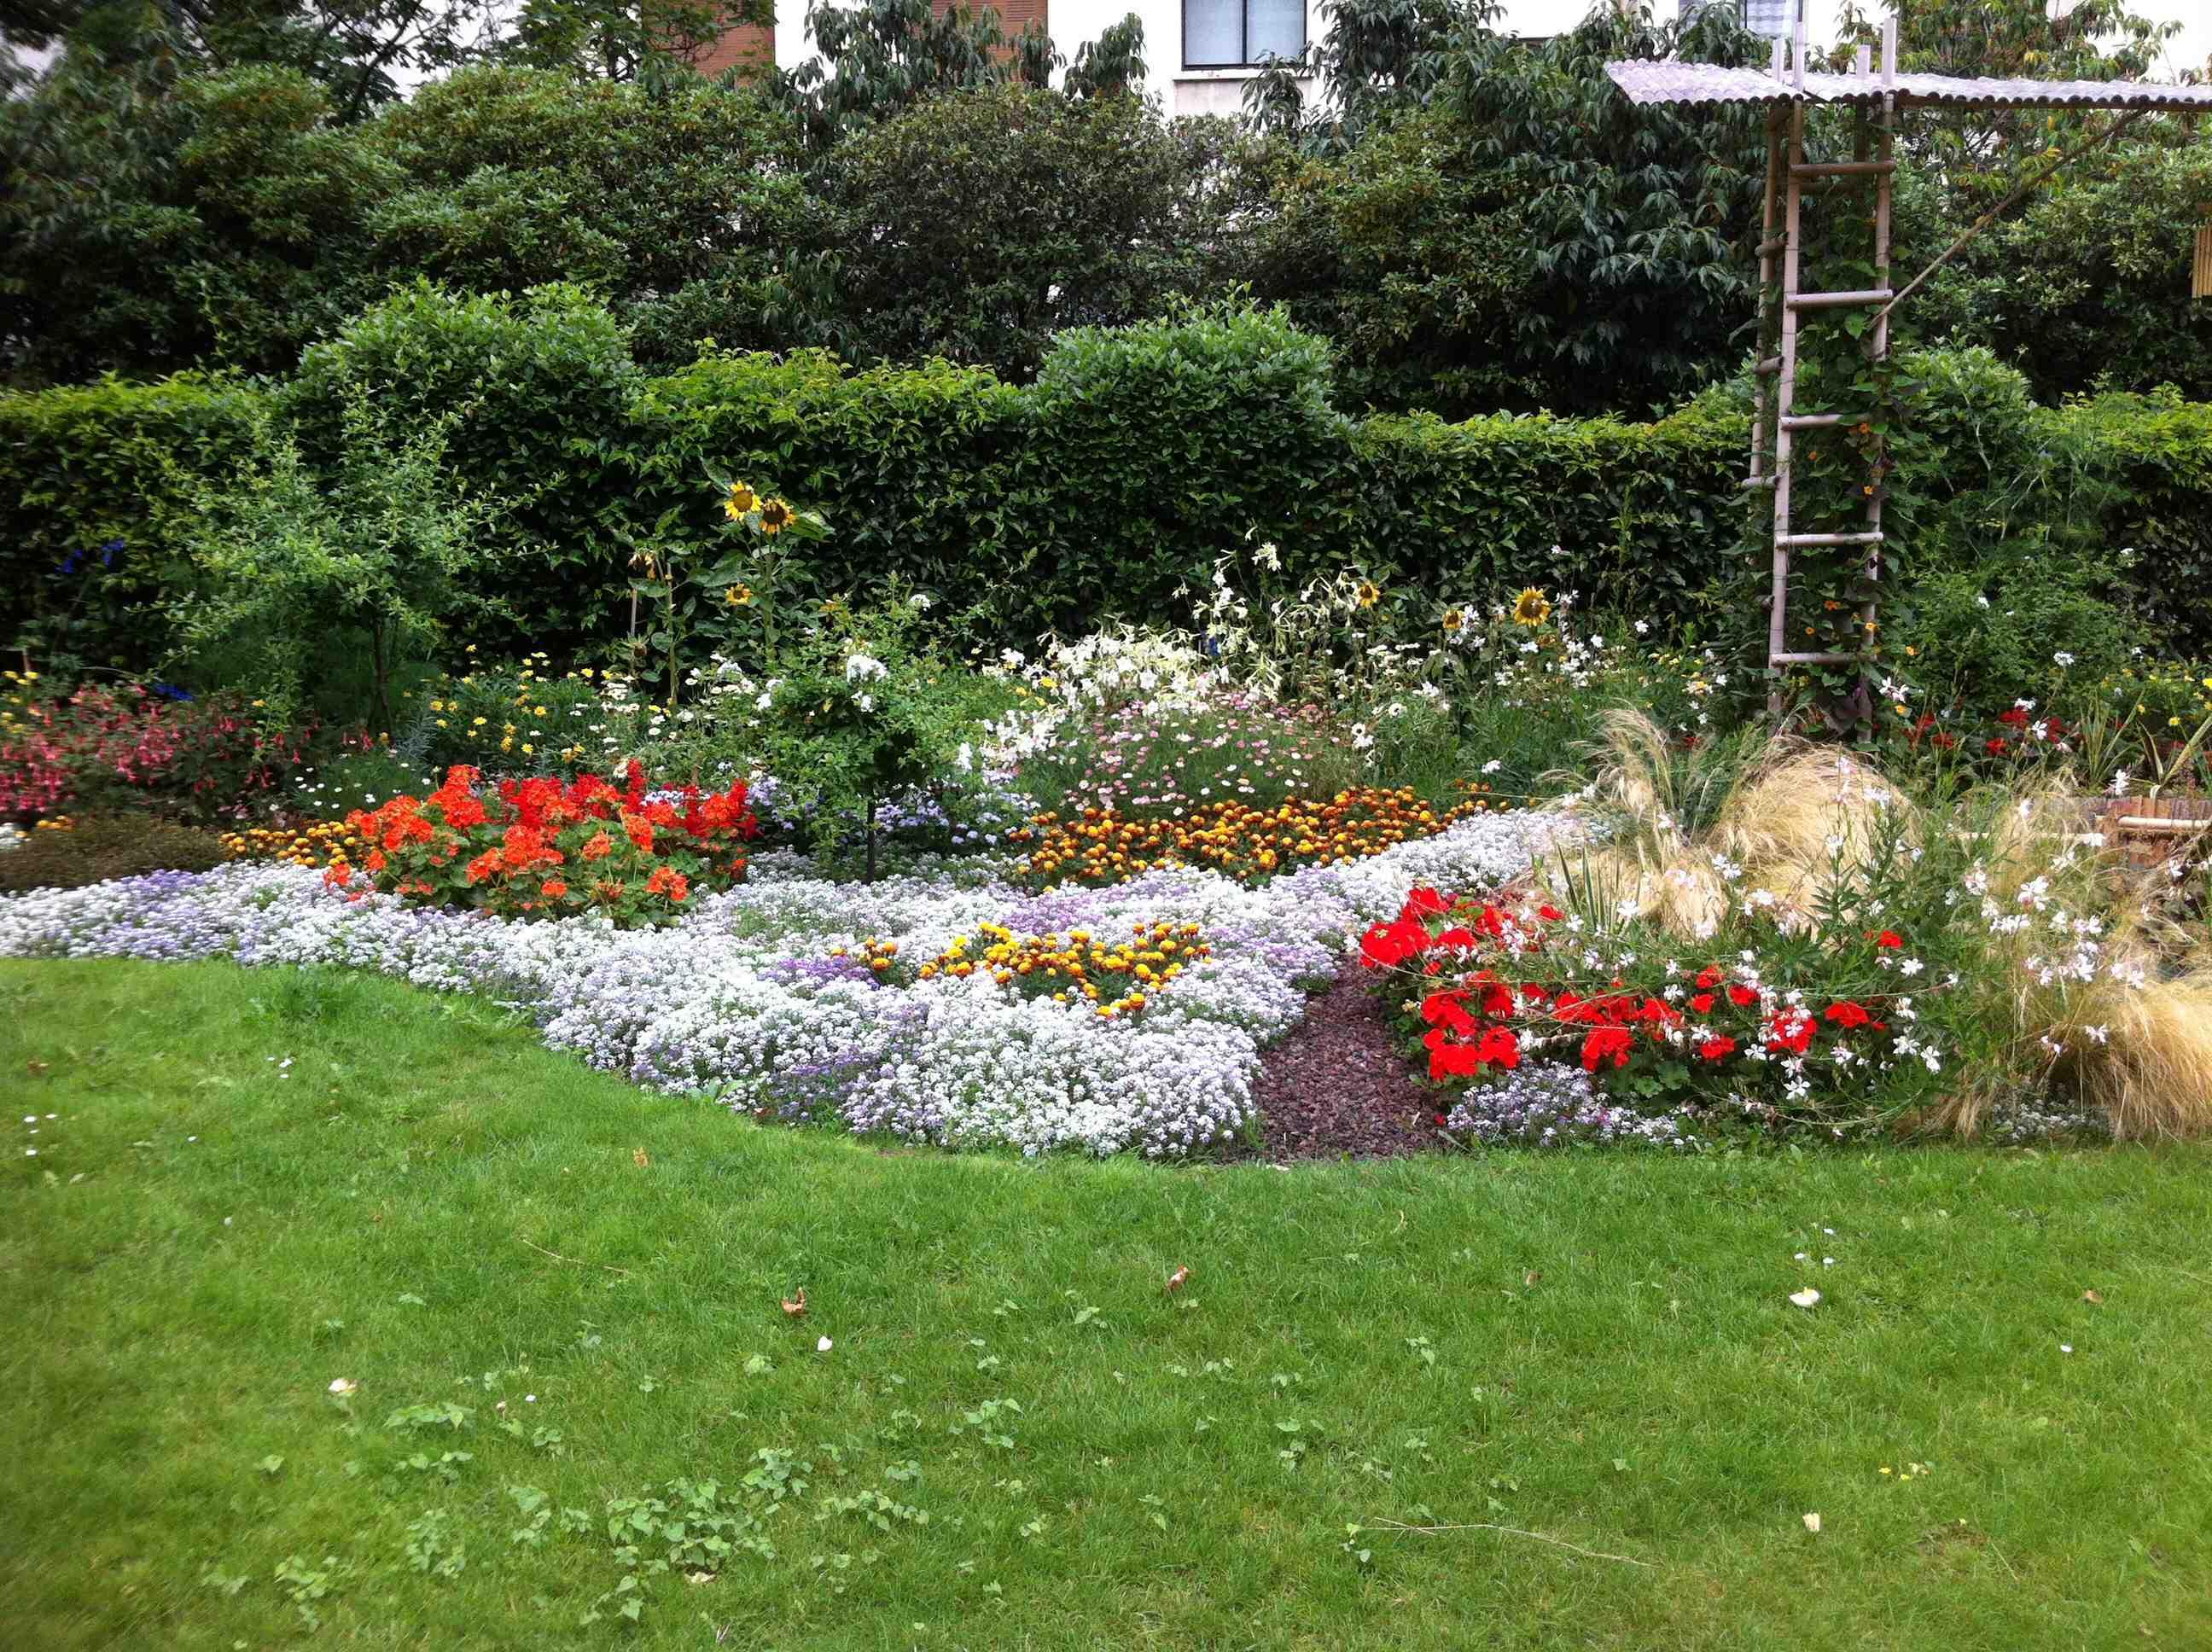 2012-09-05-GardenPic.jpg